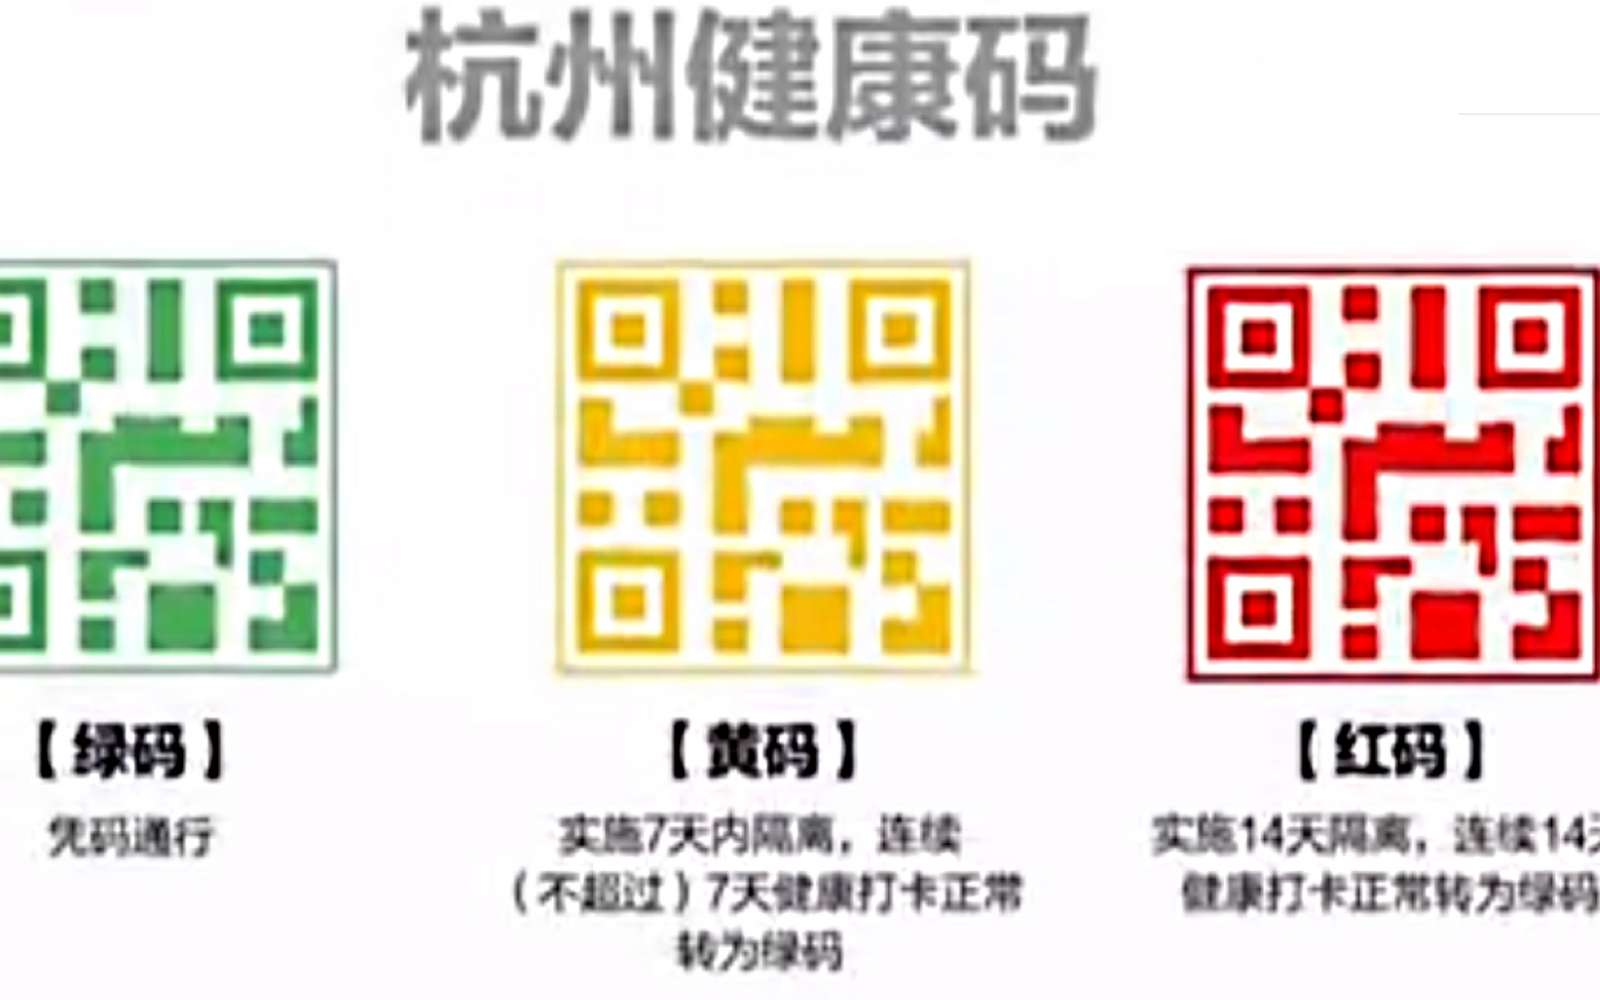 Vert, orange, rouge. Selon la couleur du QR Code affiché sur son smartphone, les déplacements sont autorisés ou non. © v.qq.com